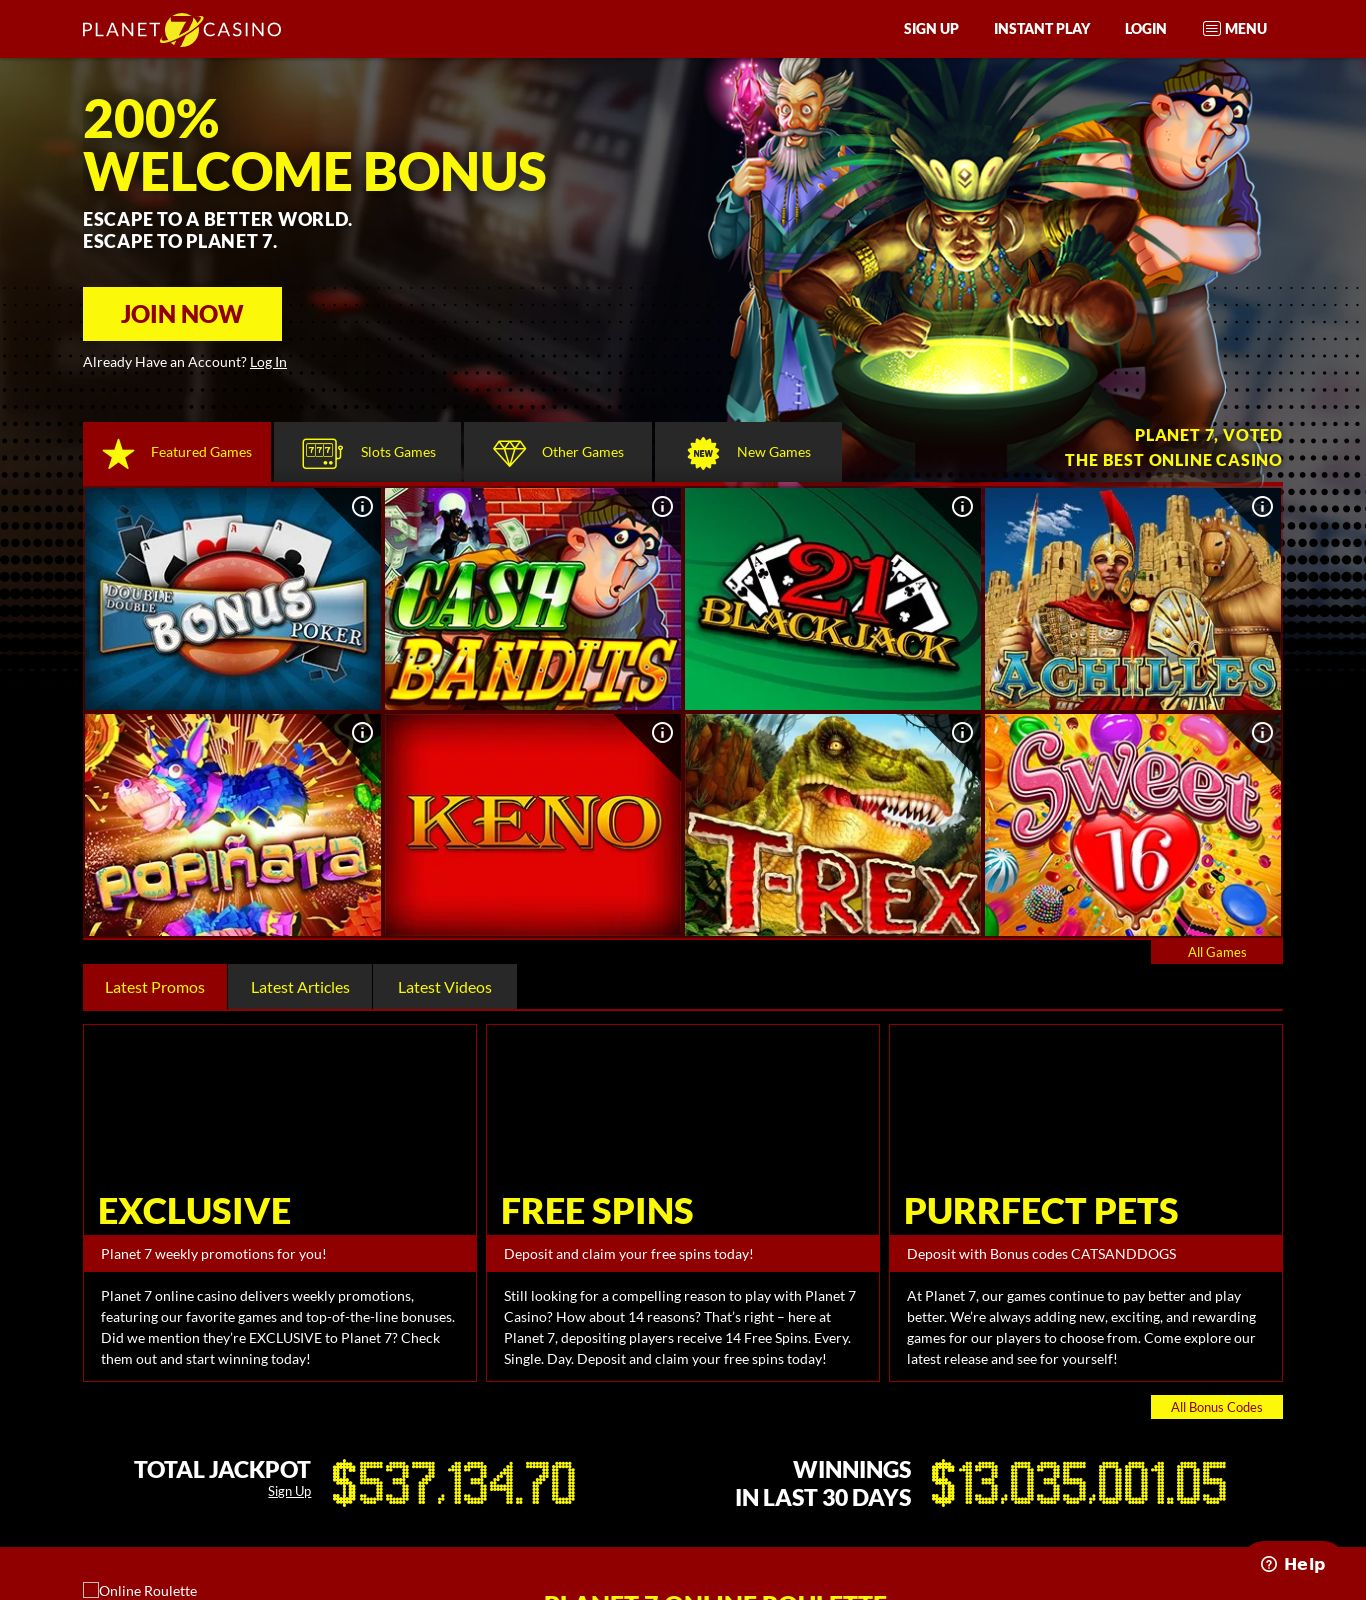 Is Planet 7 Casino Legit